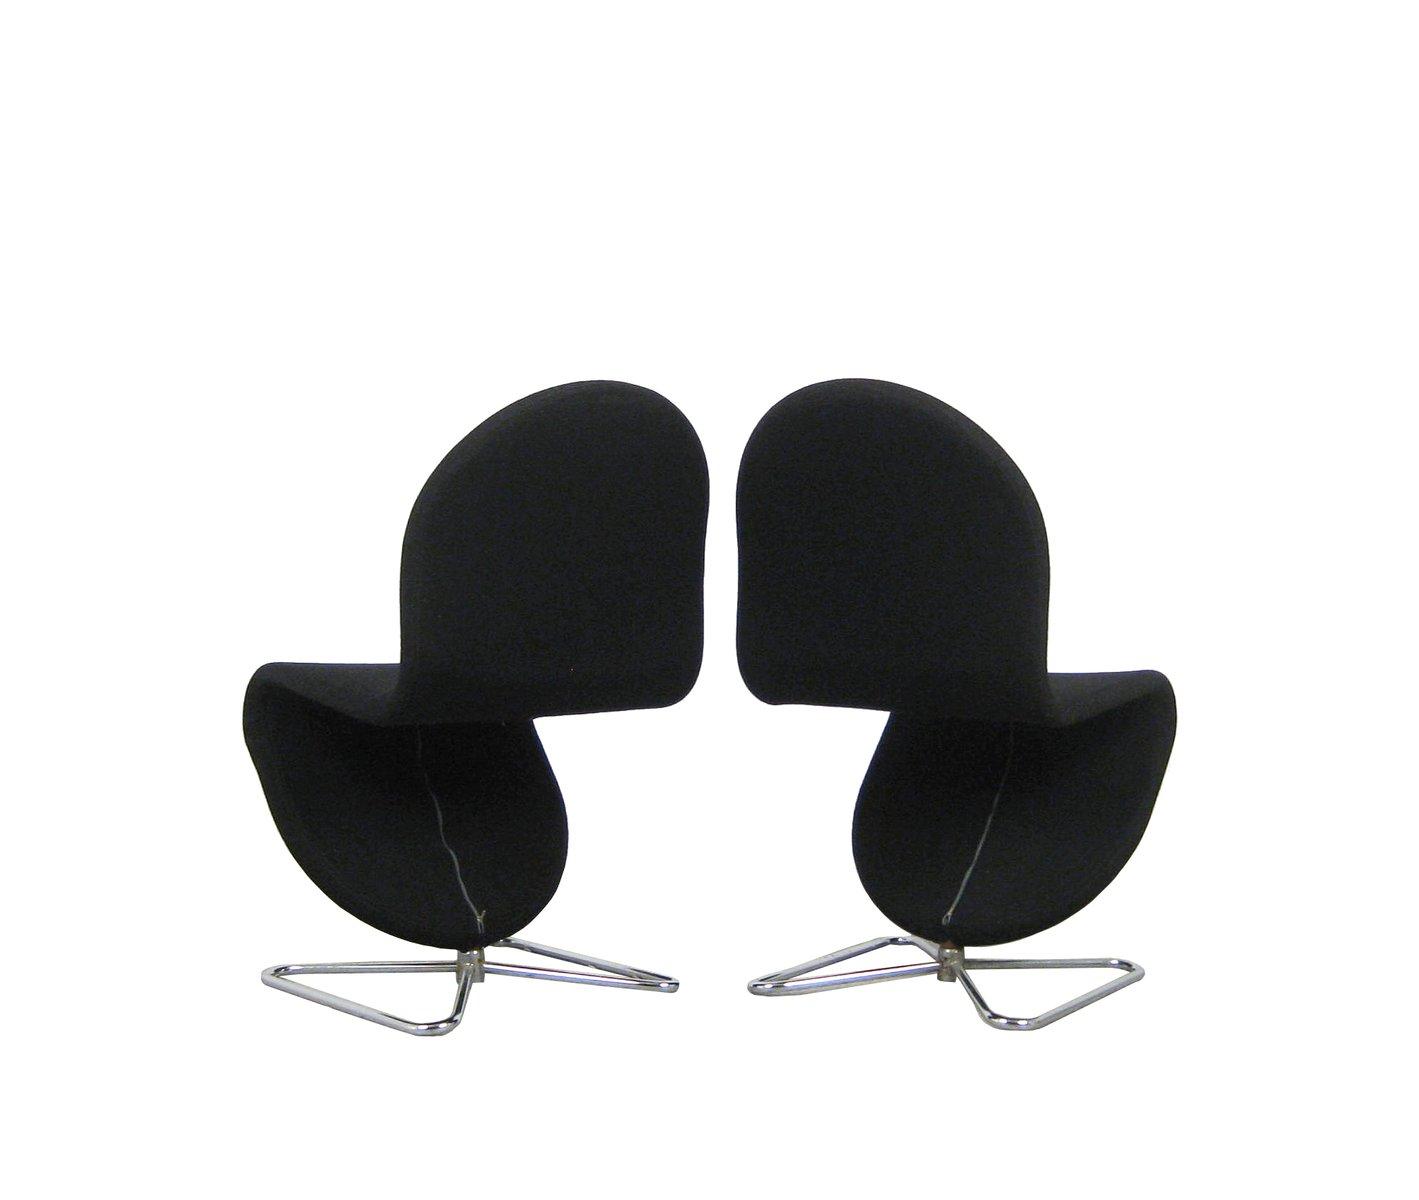 chaises de salon 1 2 3 par verner panton pour fritz hansen set de 4 en vente sur pamono. Black Bedroom Furniture Sets. Home Design Ideas